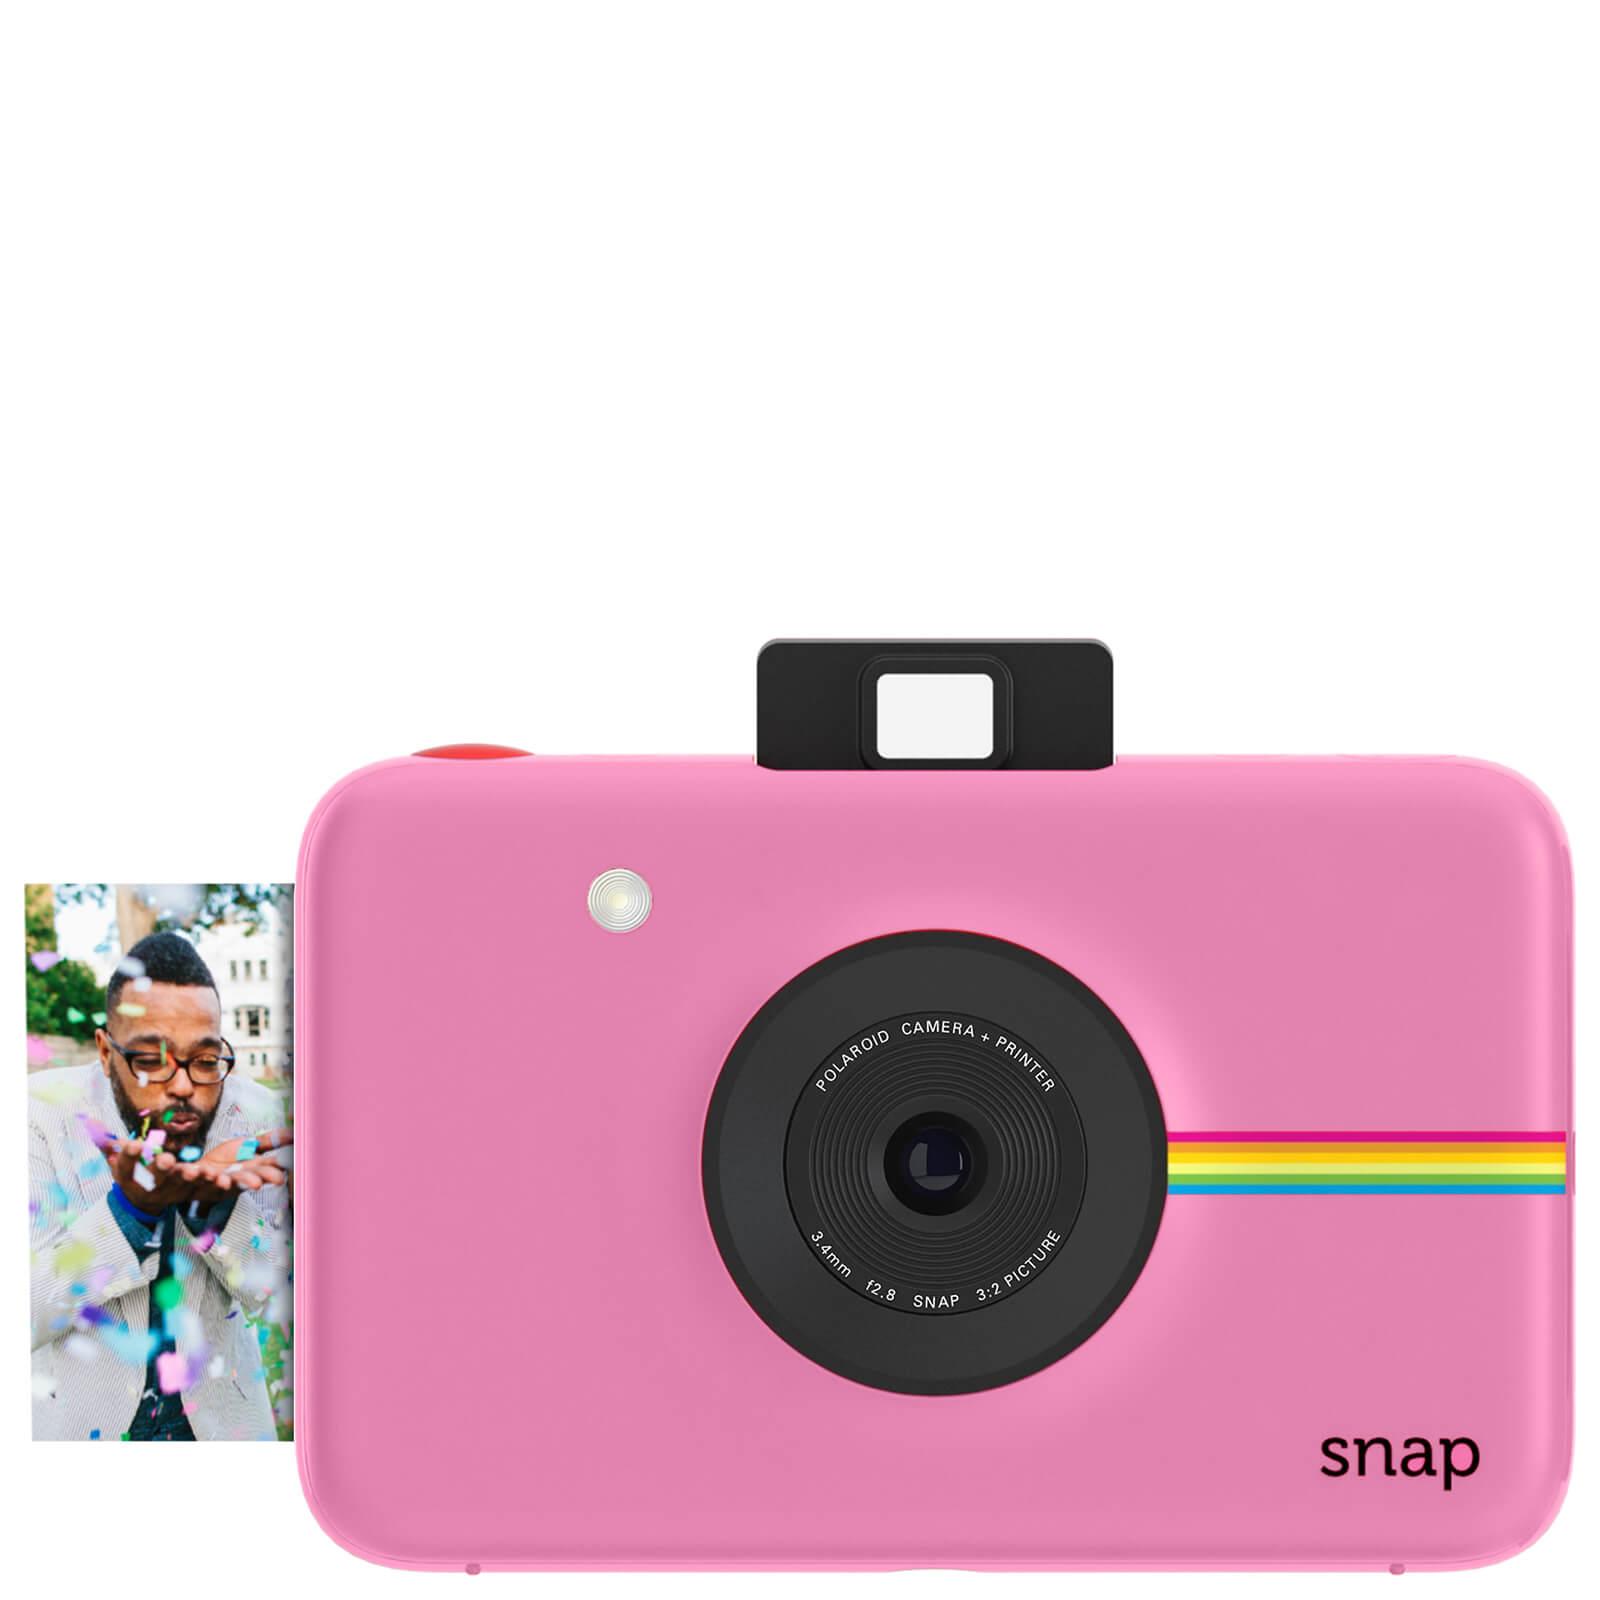 Polaroid Snap Instant Digital Camera - Pink